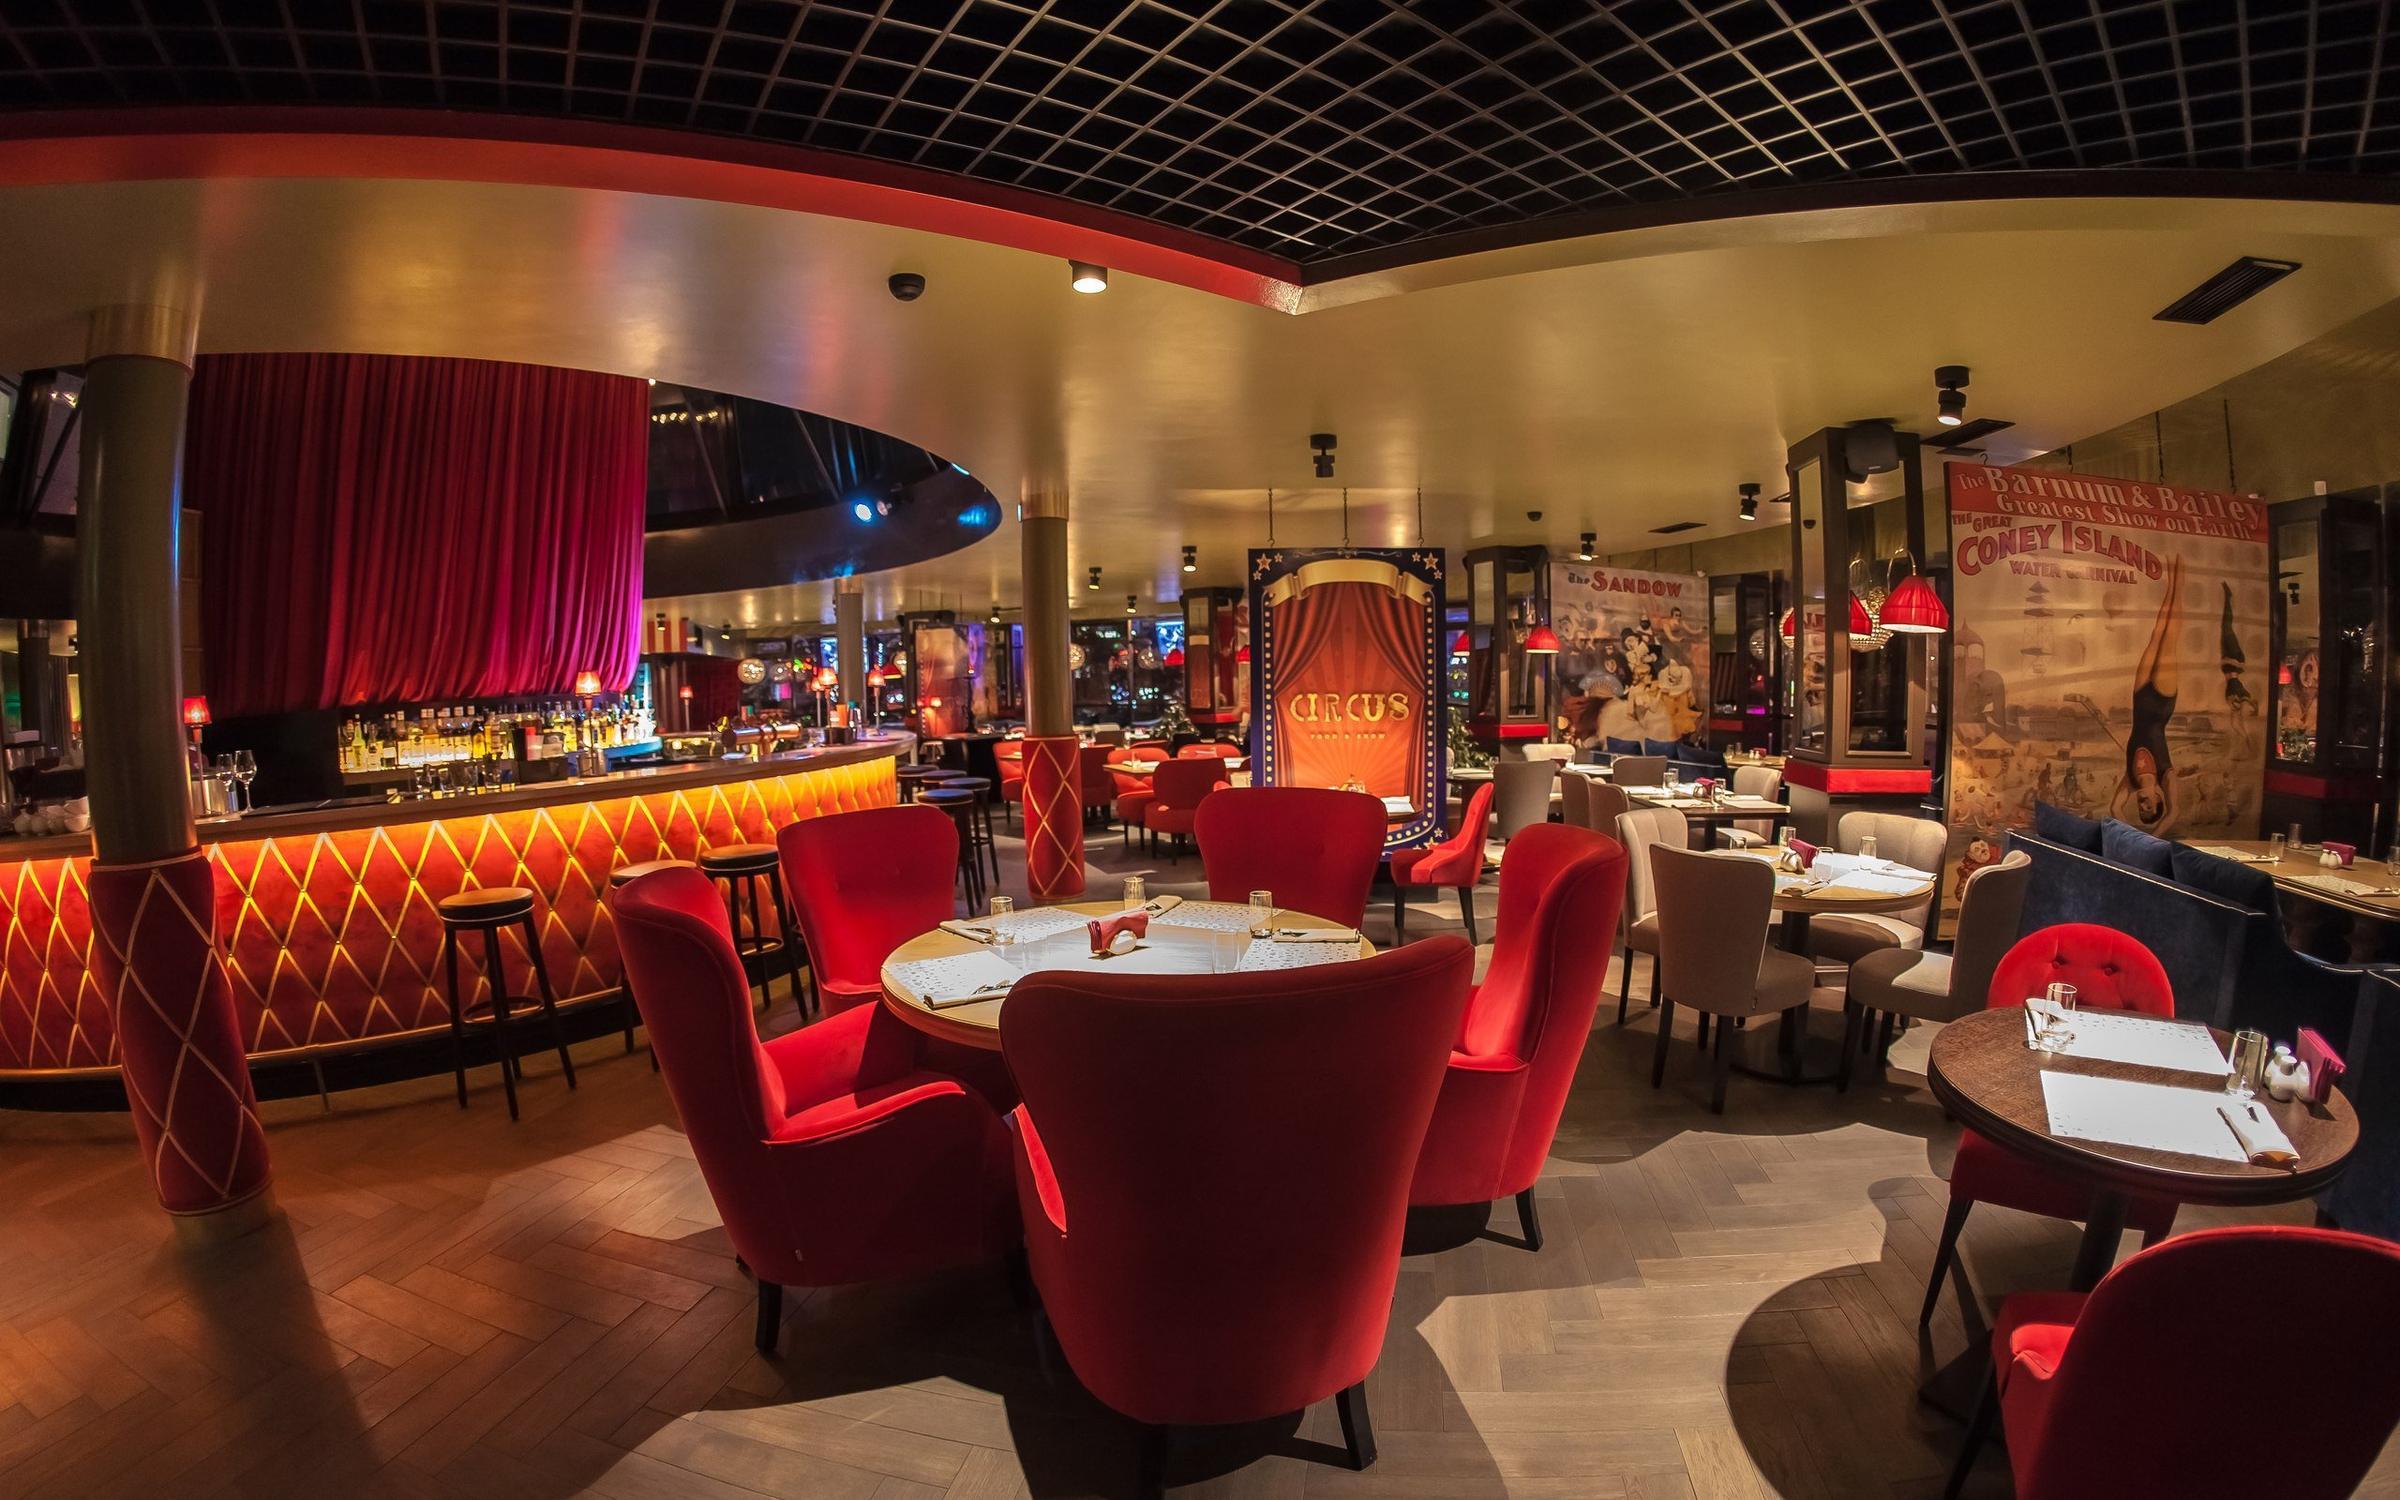 фотография Ресторана CIRCUS на проспекте Маршала Жукова